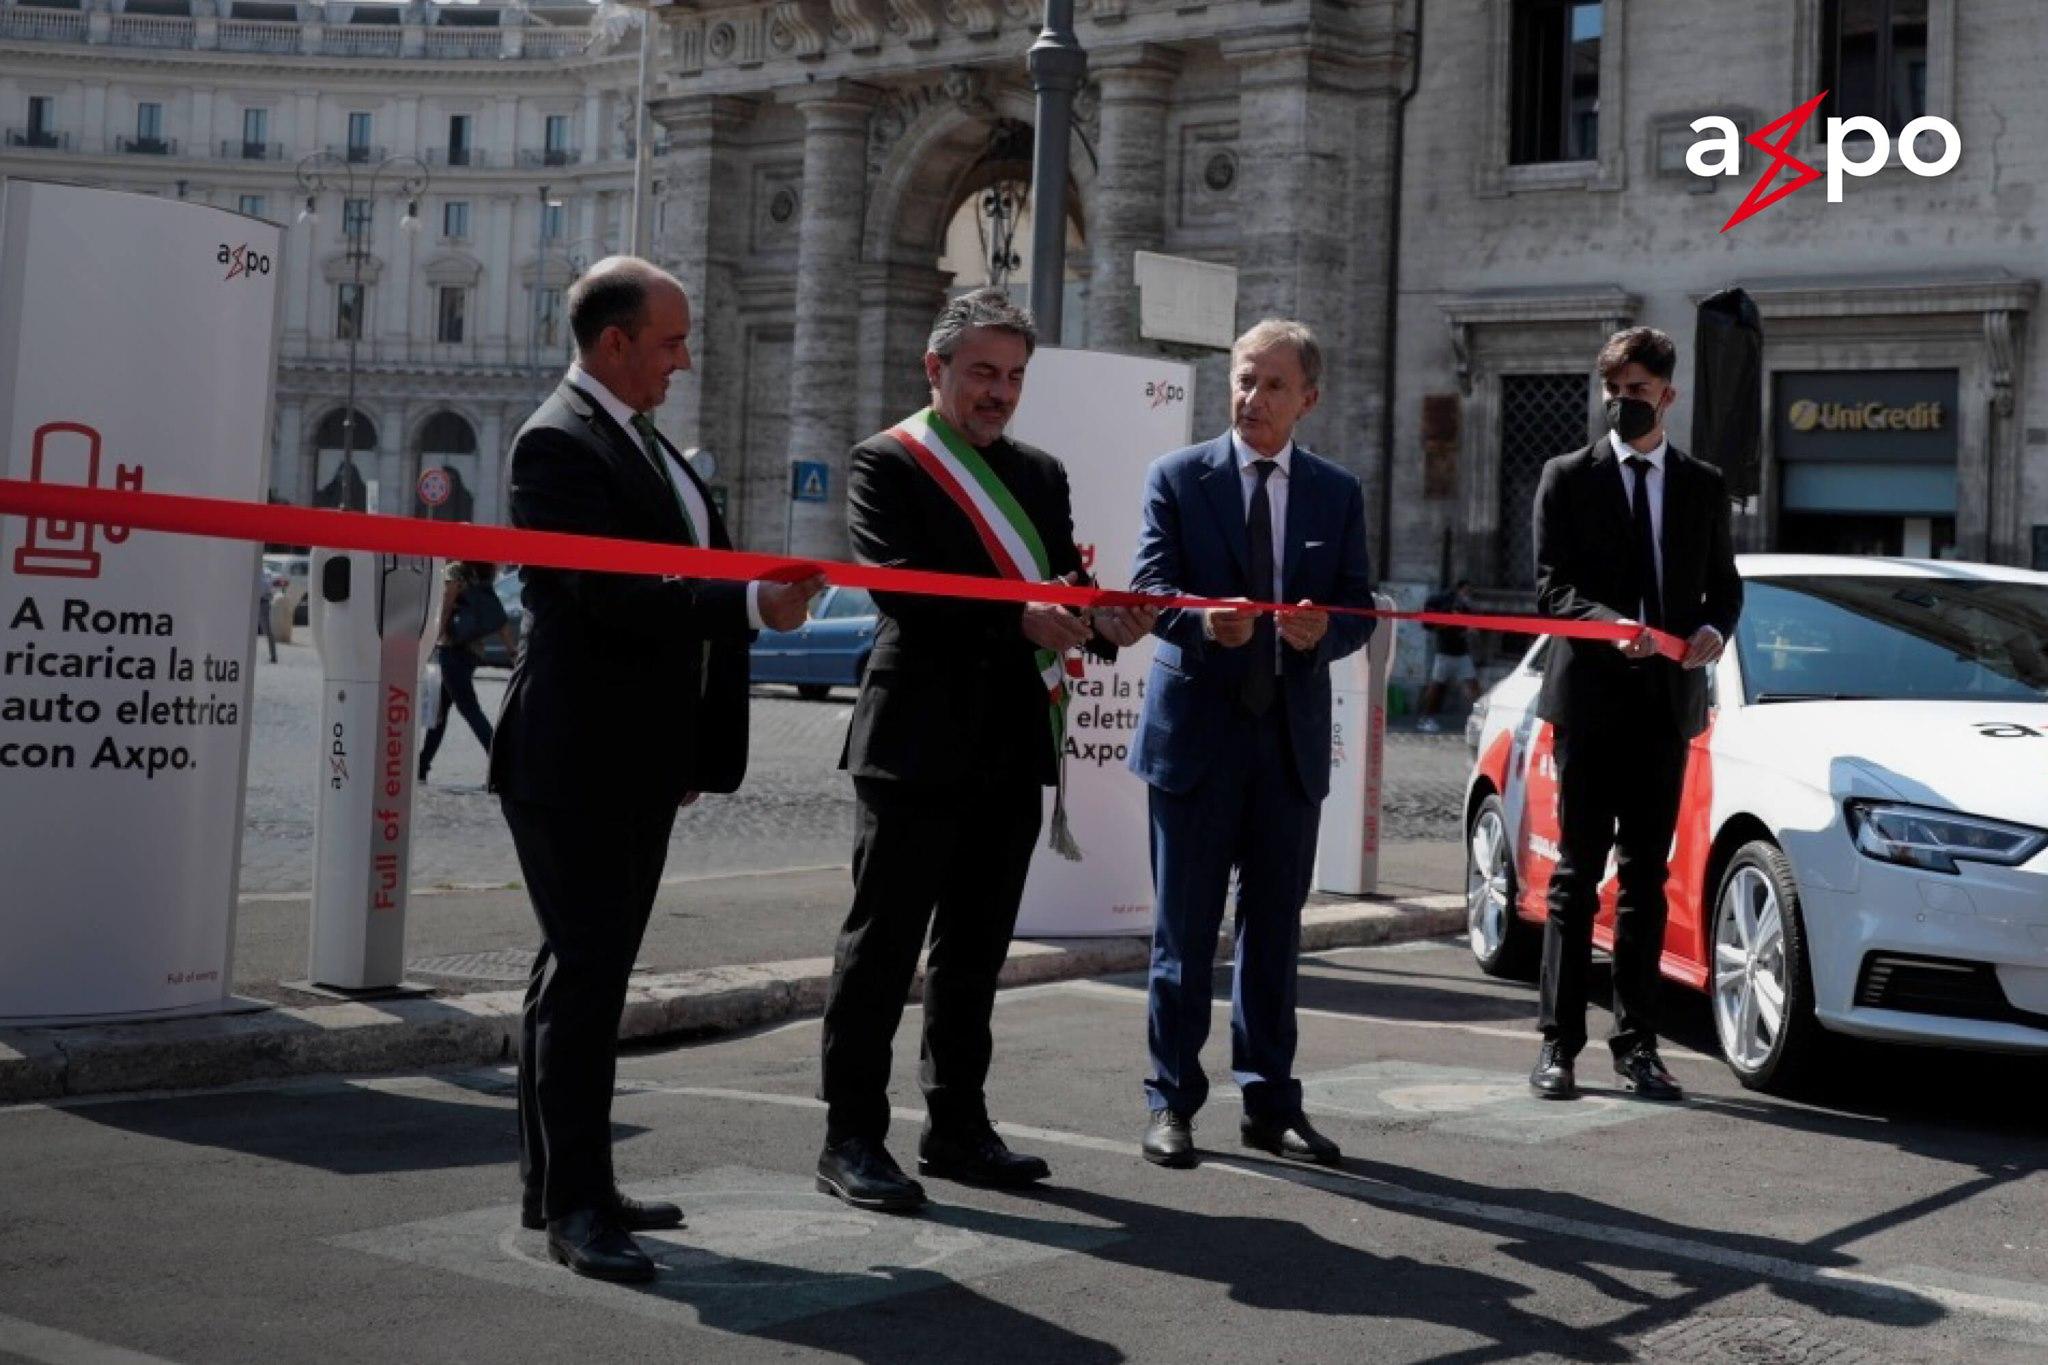 A Roma arrivano le prime stazioni pubbliche di ricarica elettrica